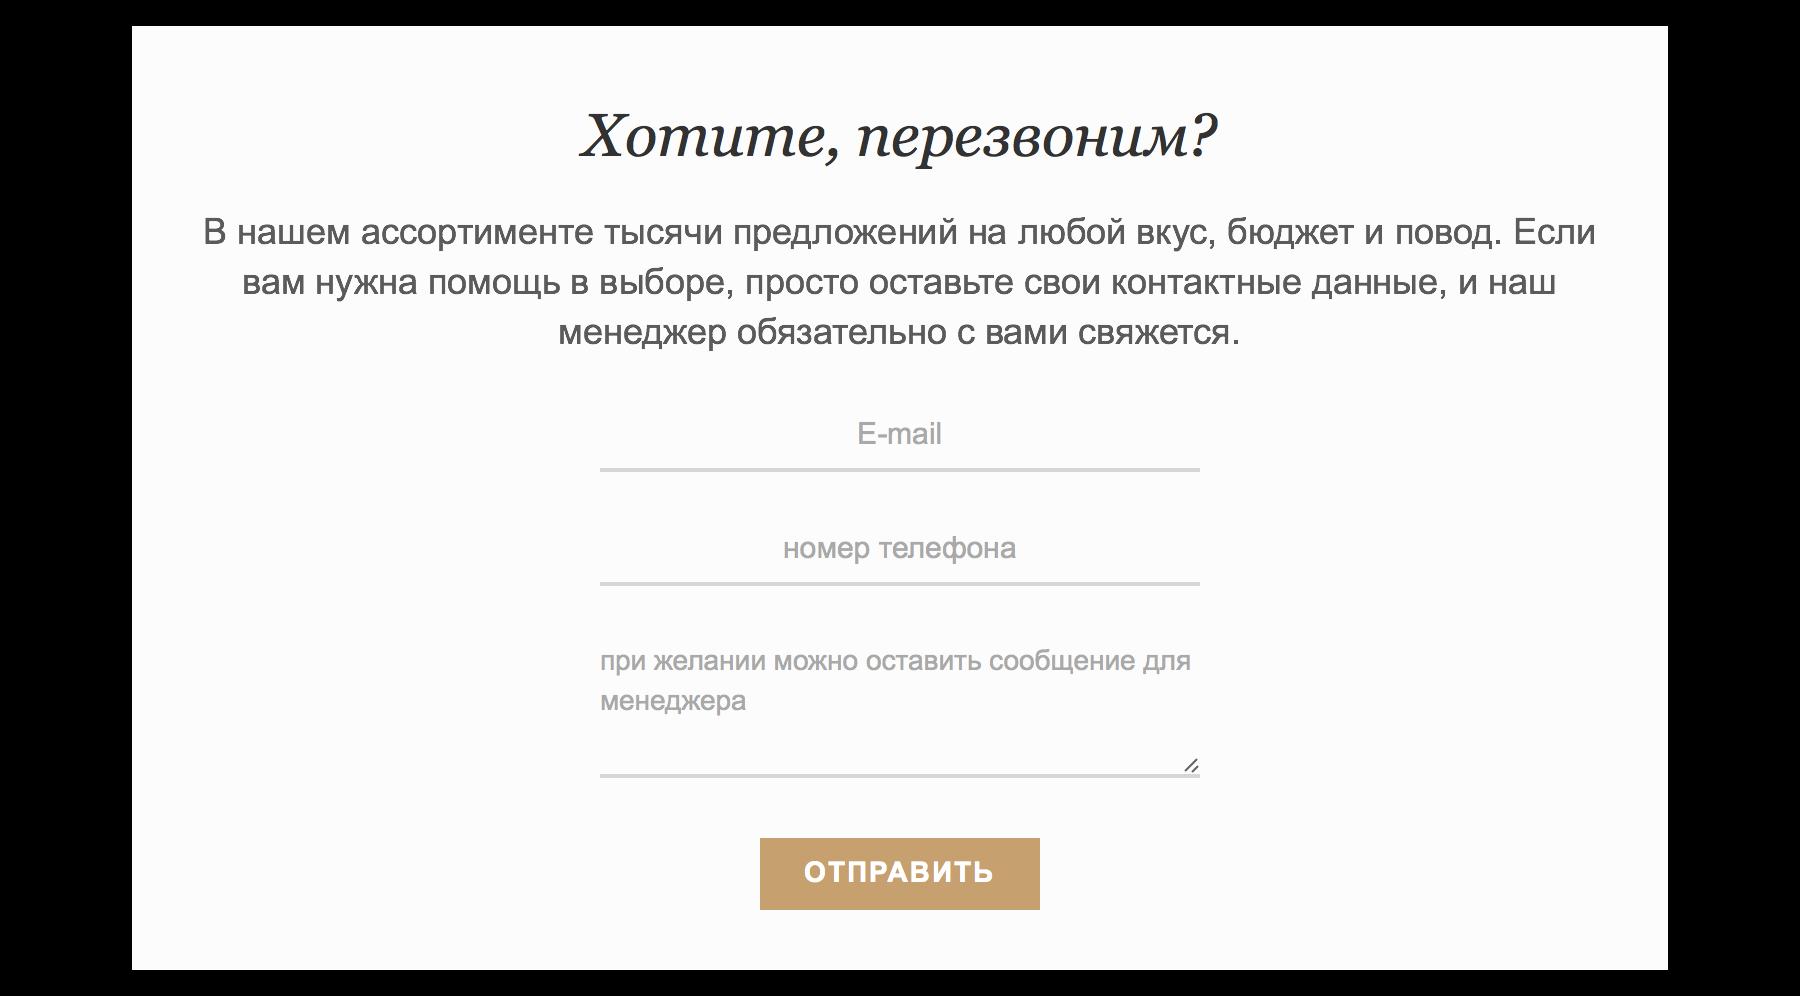 Экспресс-аудит сайтов компании «Конфаэль» 5